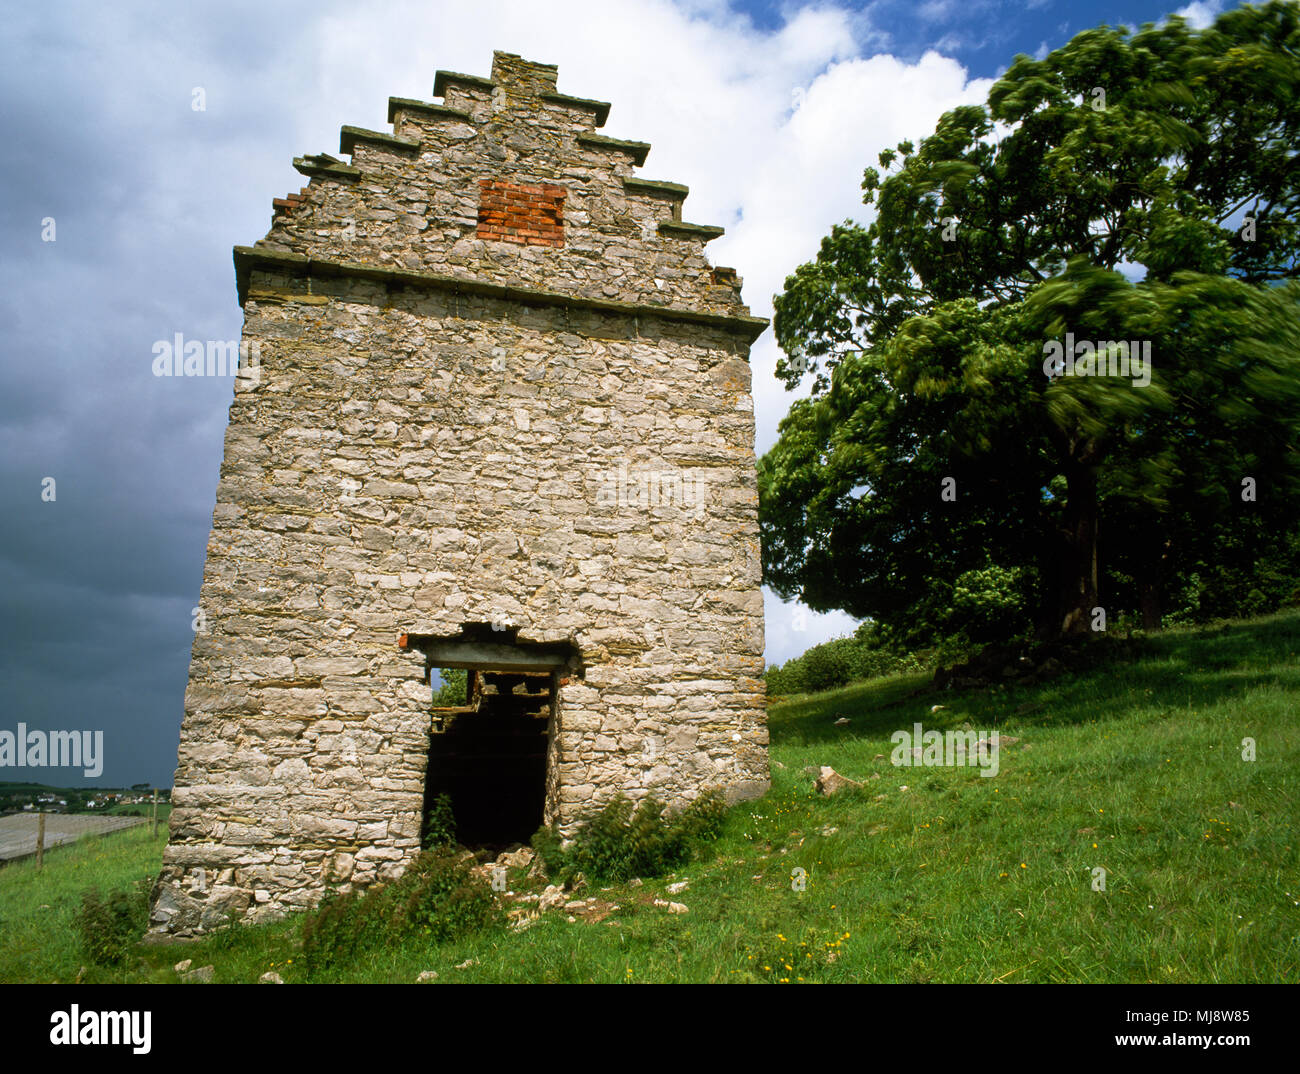 Pigeonnier ferme Gop, Trelawnyd, Flintshire, au nord du Pays de Galles, Royaume-Uni. 17ème siècle en ruine grand pigeonnier carré fabriqué à partir de calcaire. Classée monument historique Banque D'Images